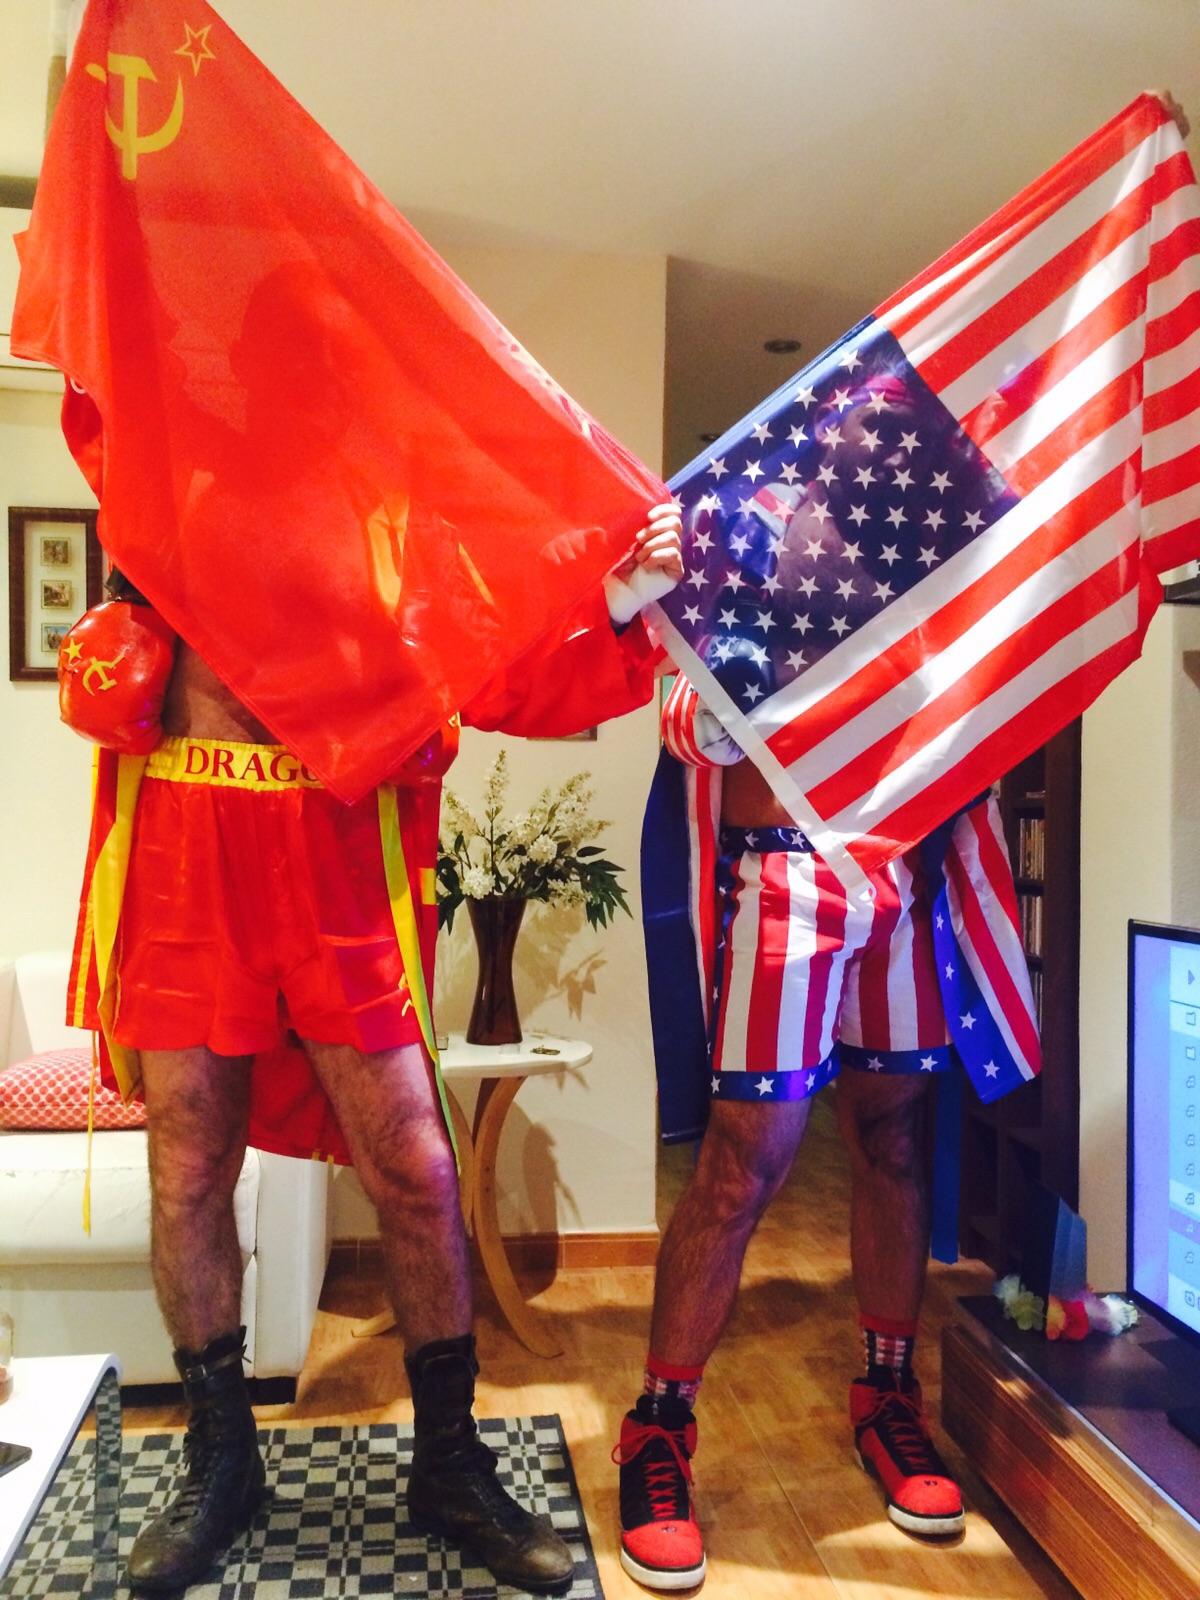 Comprar Bandera de Estados Unidos - Comprarbanderas.es